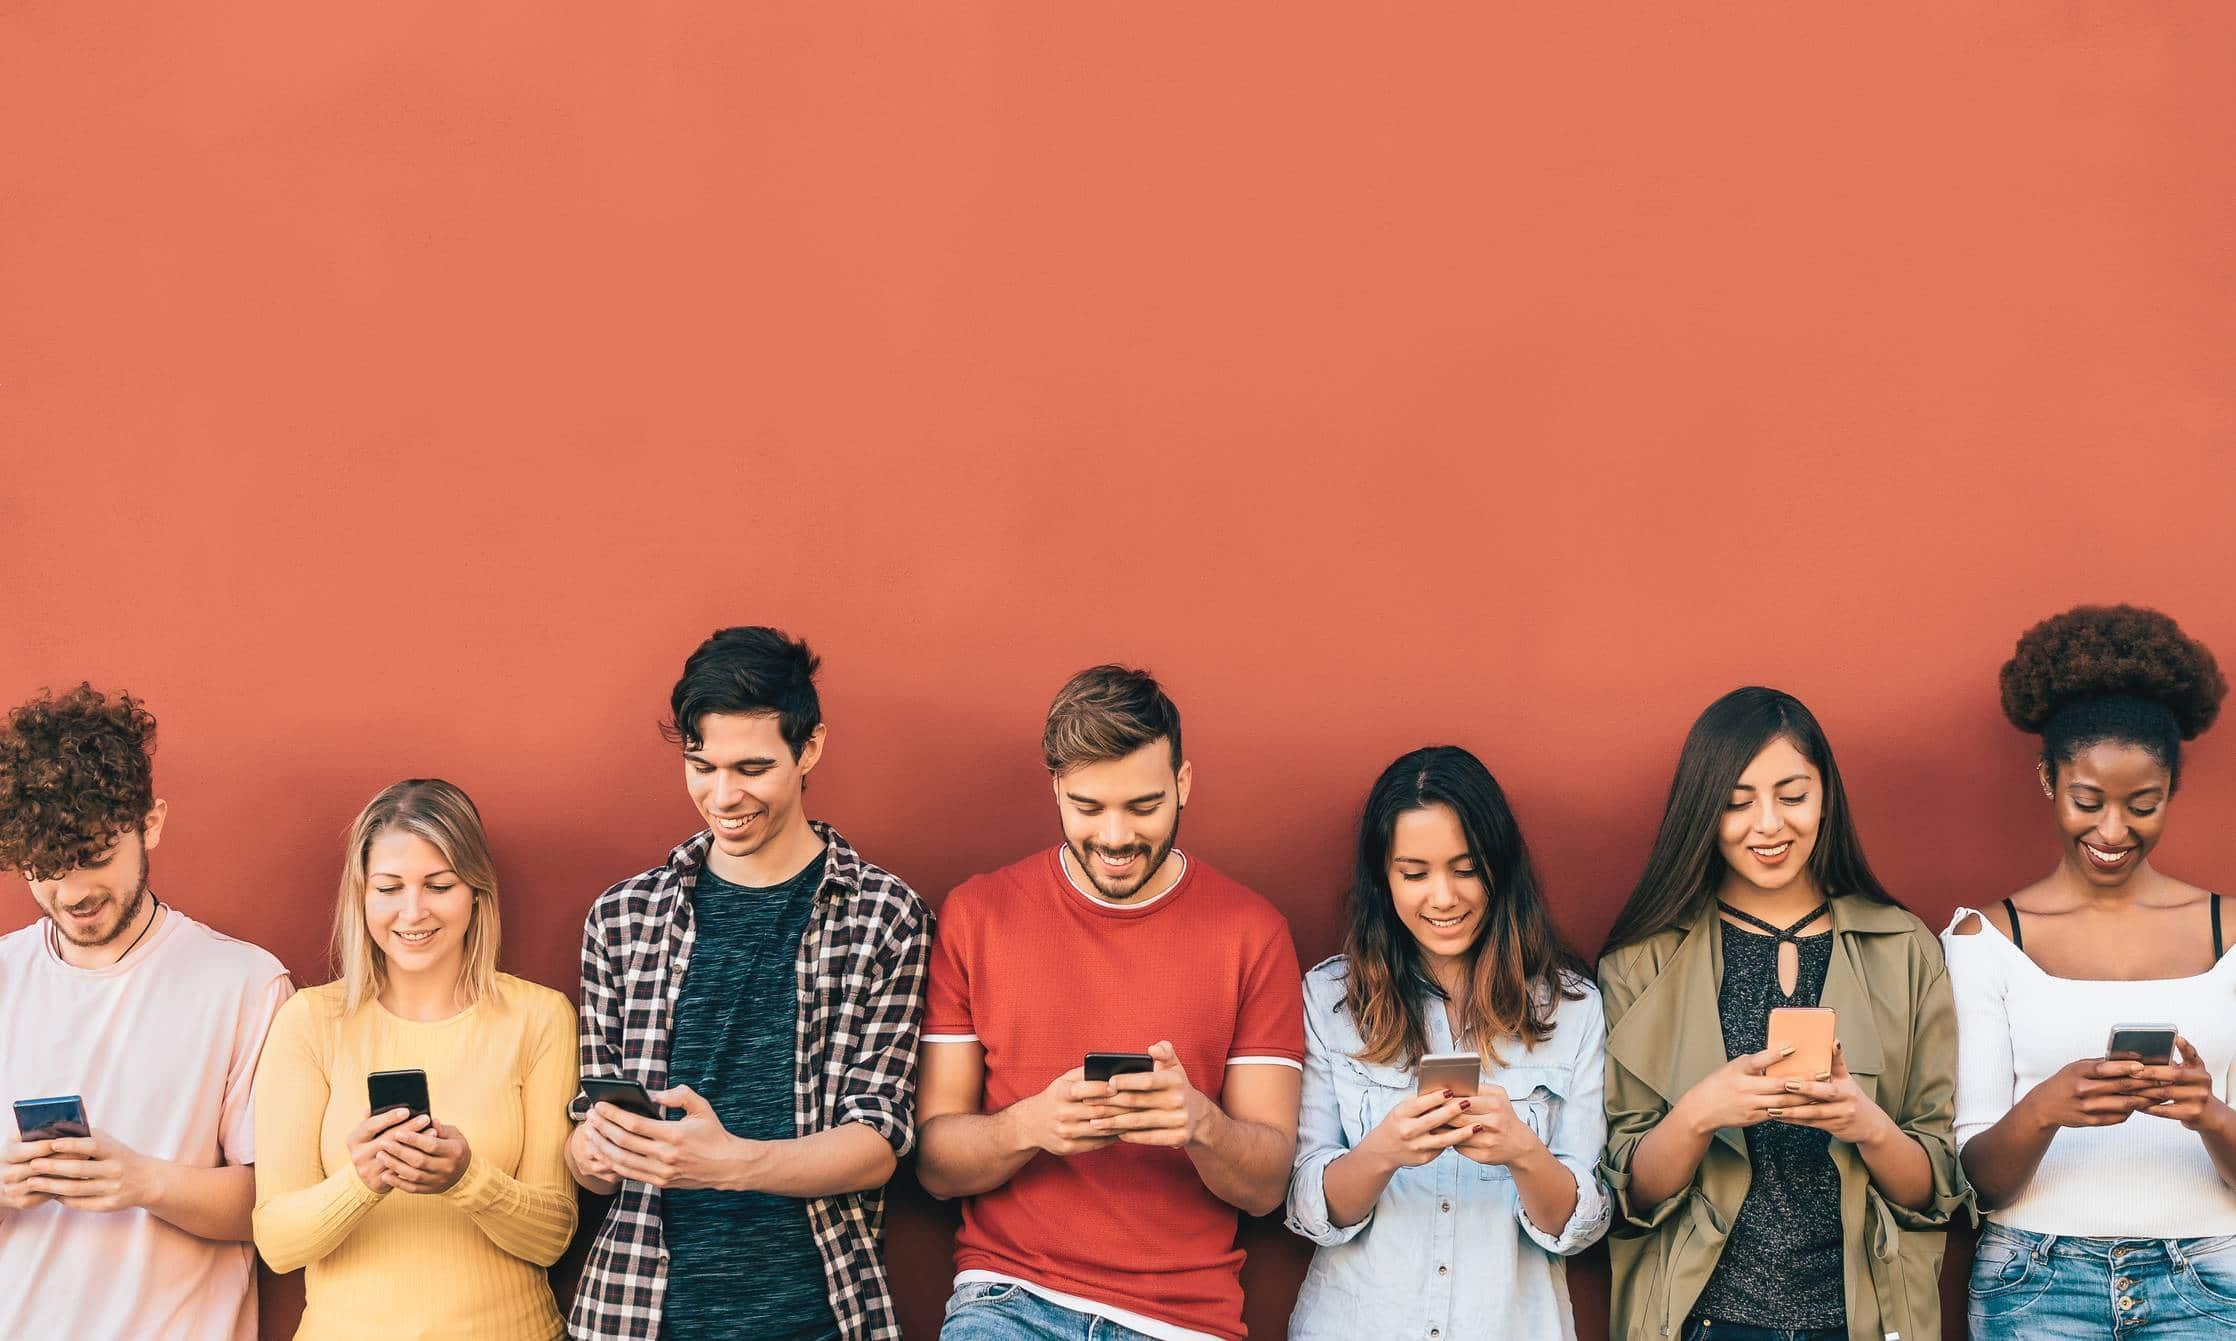 stratégie marketing Pixel Facebook